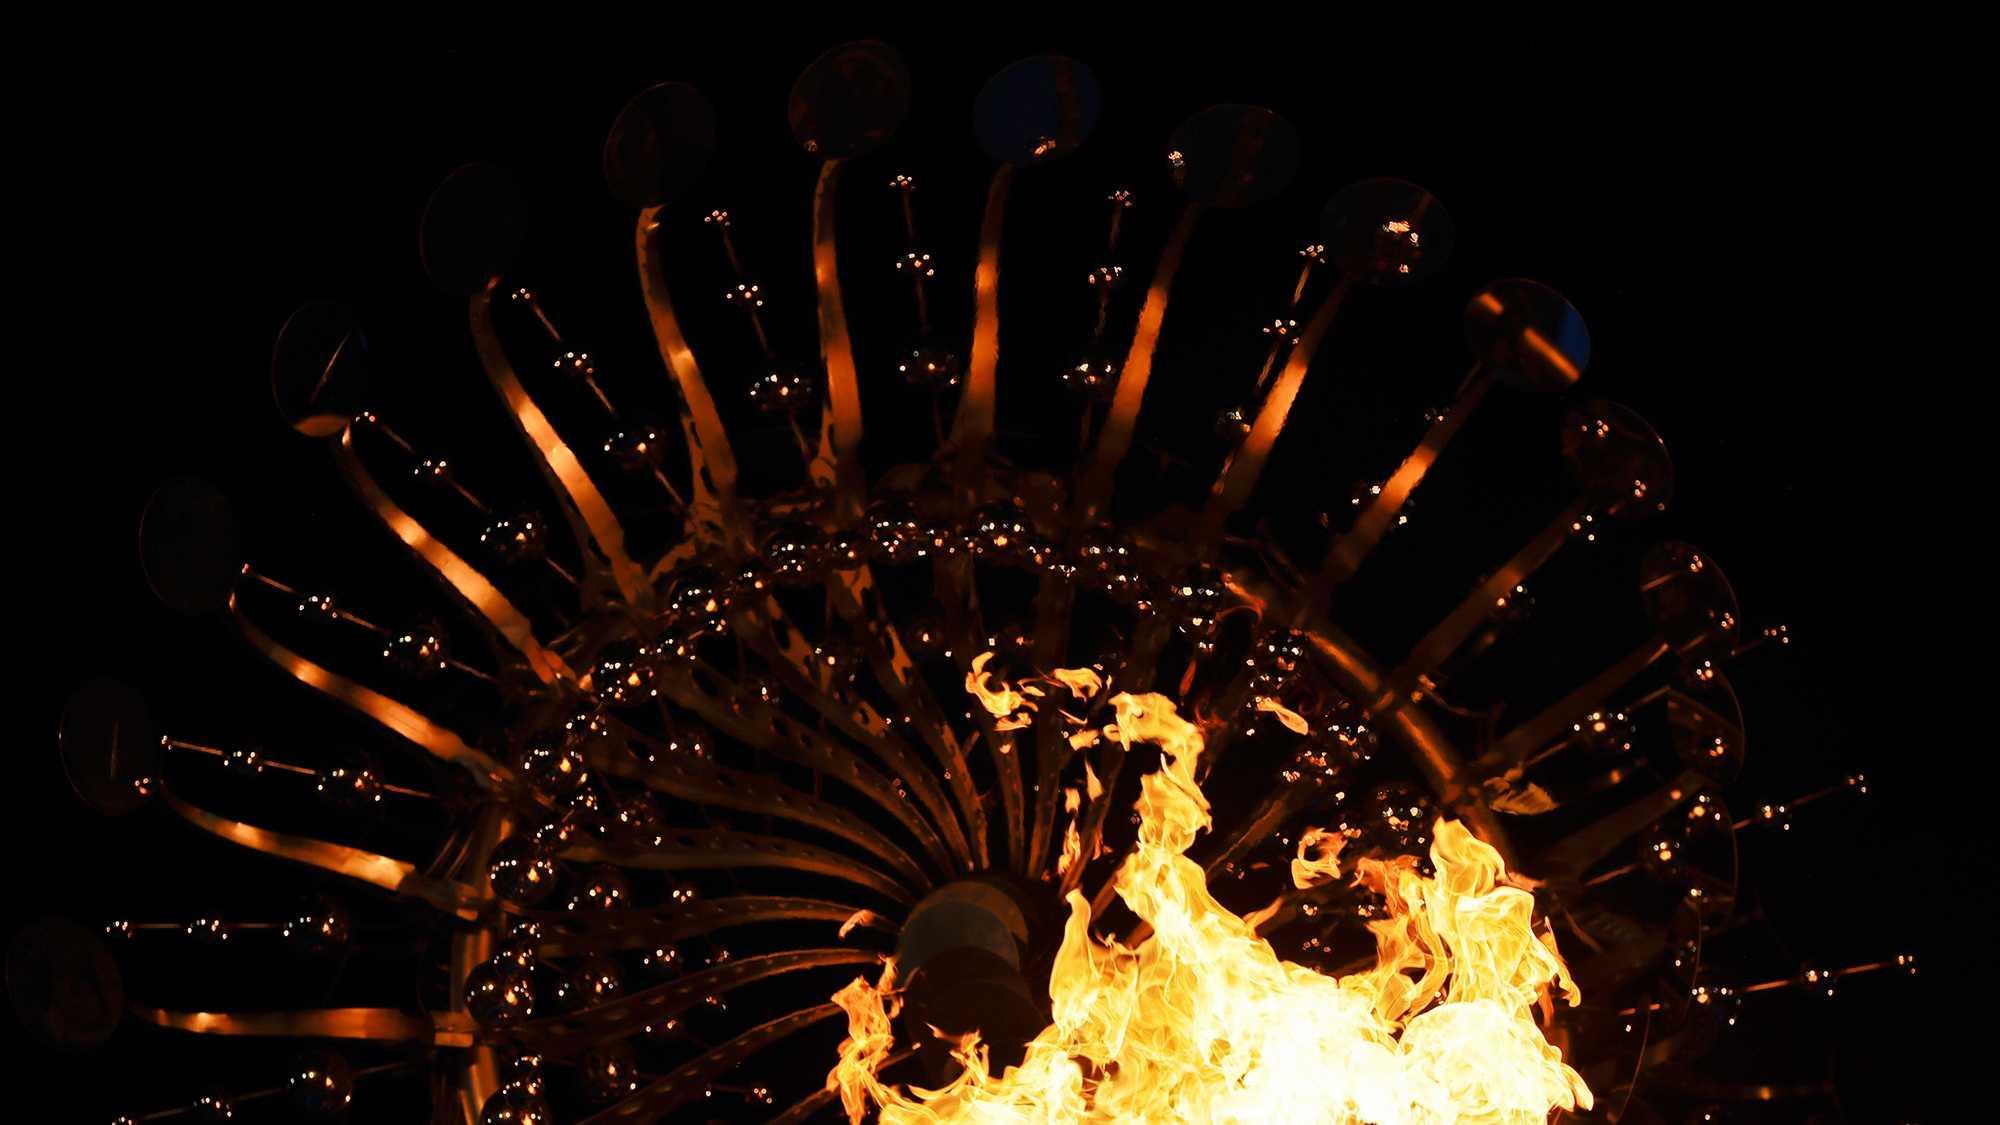 flameburns.jpg